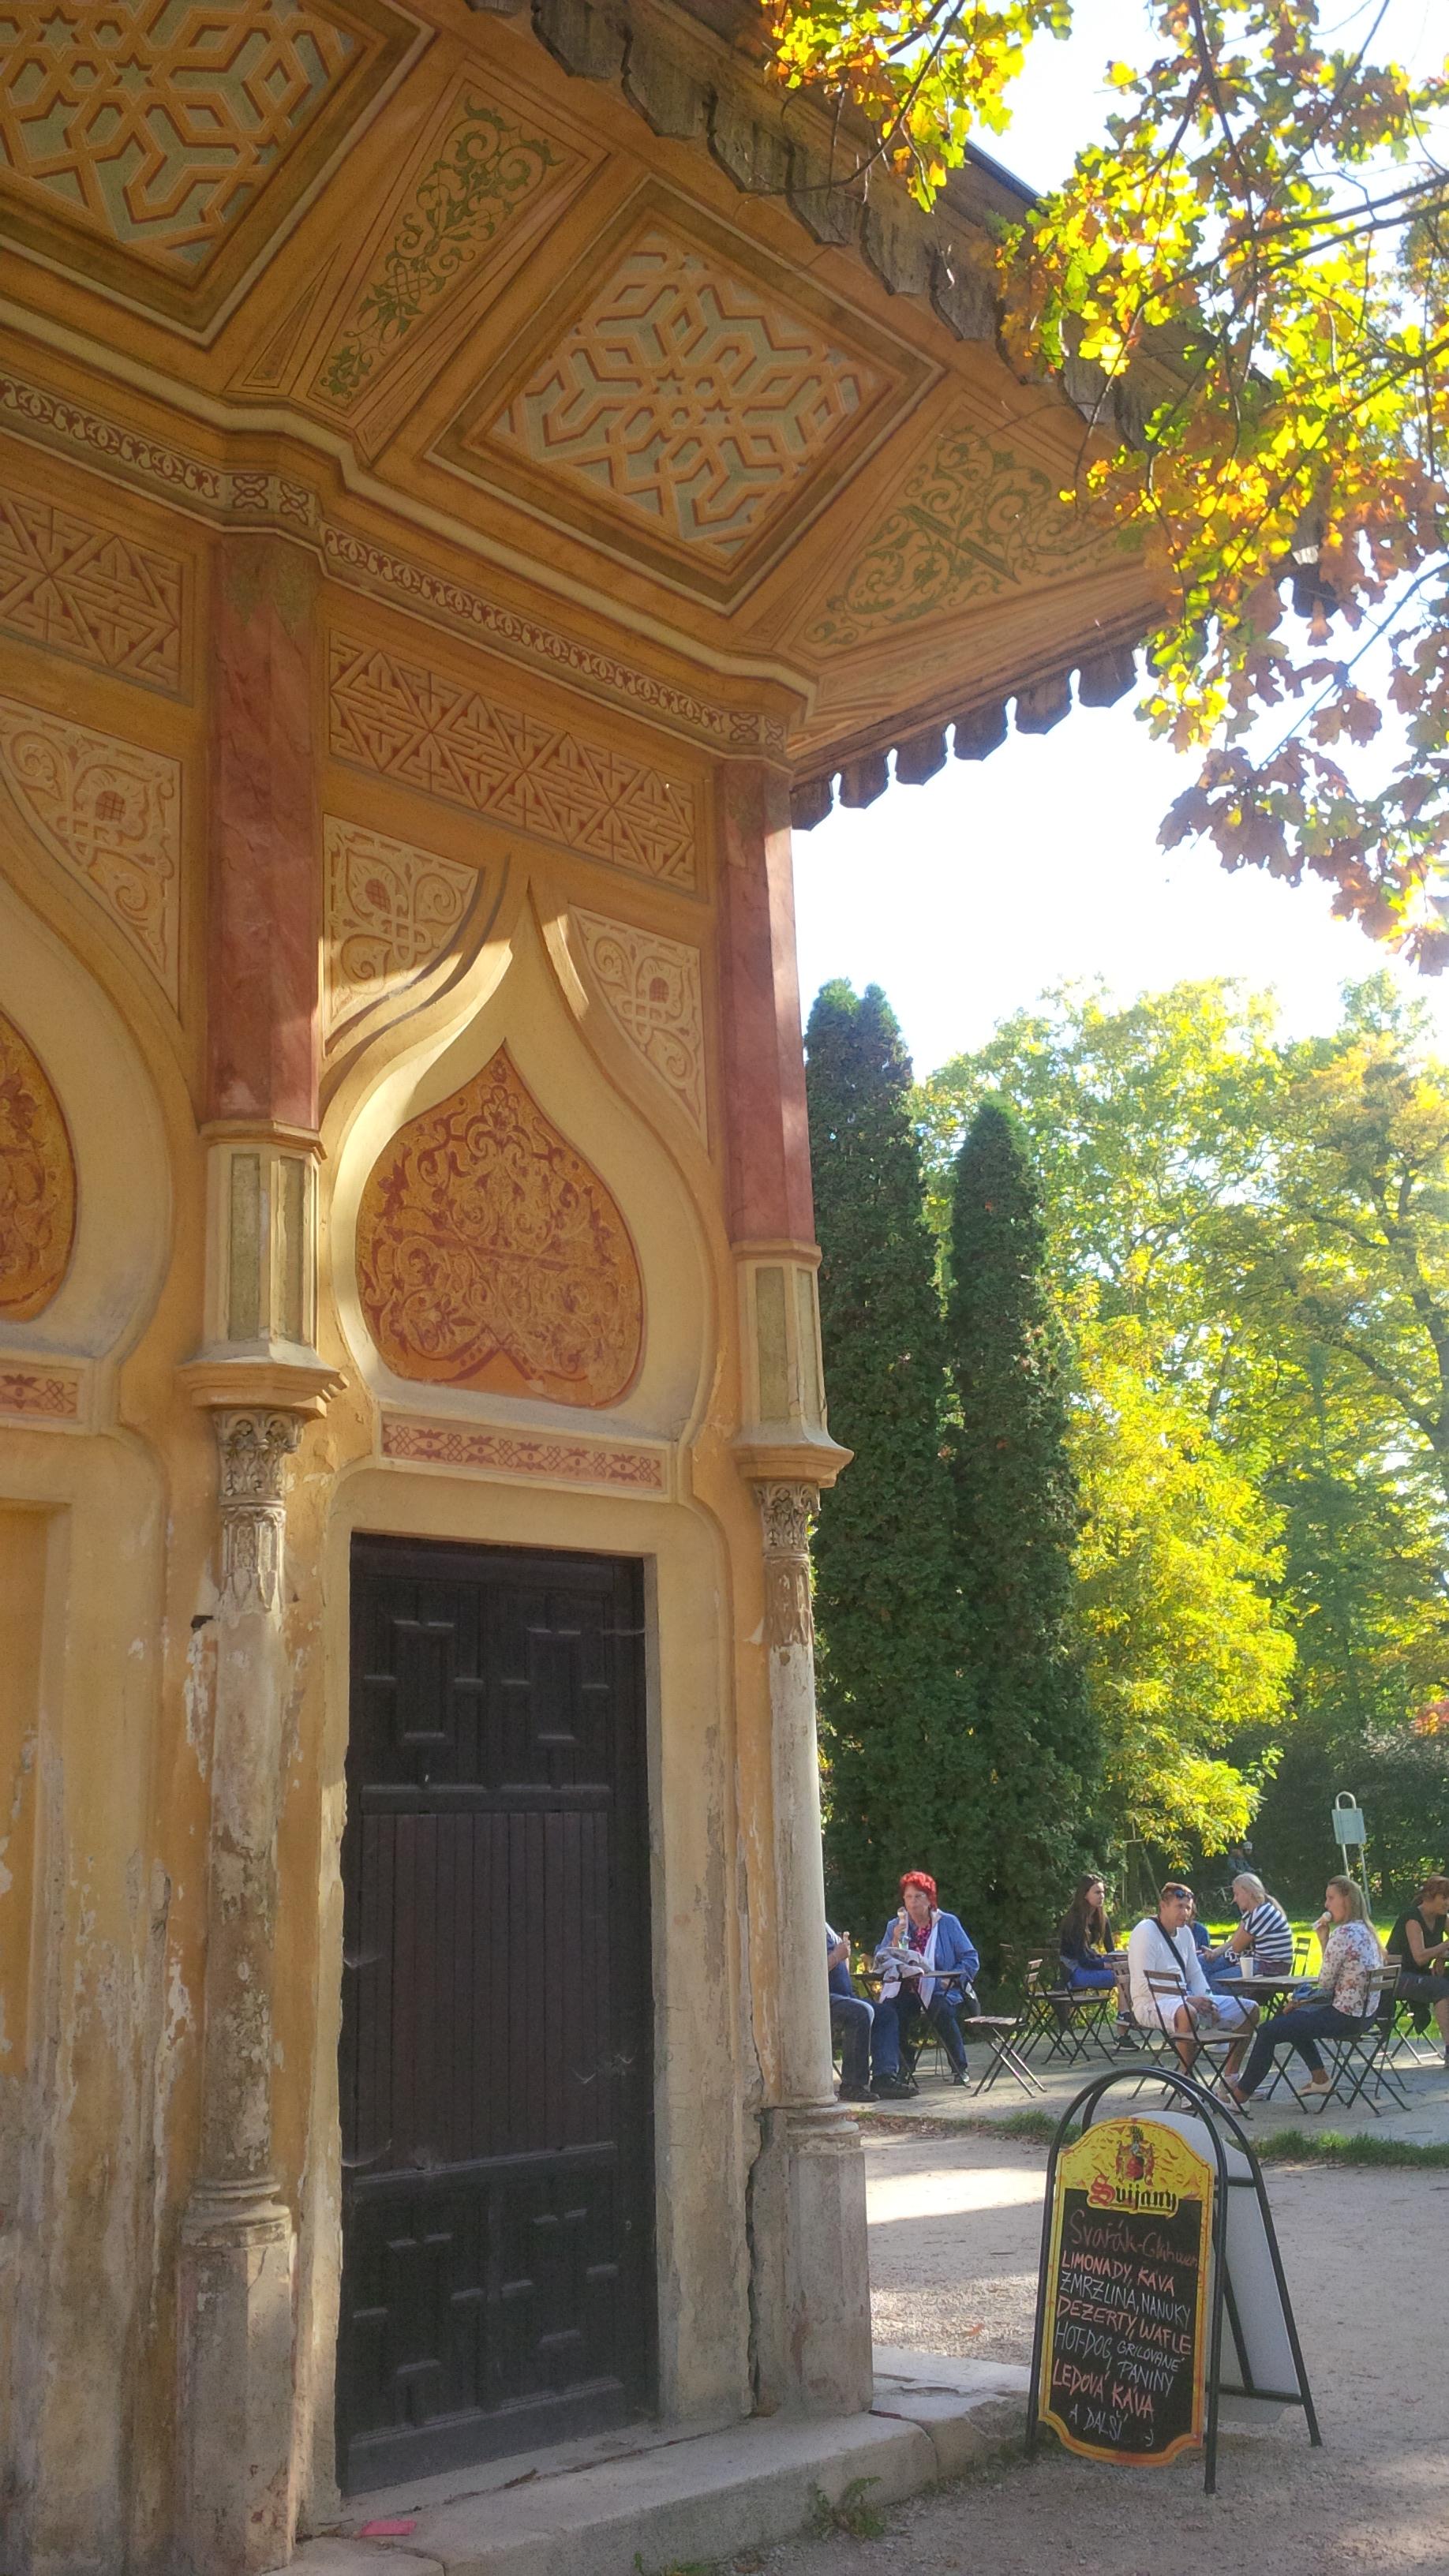 török stílusú épület